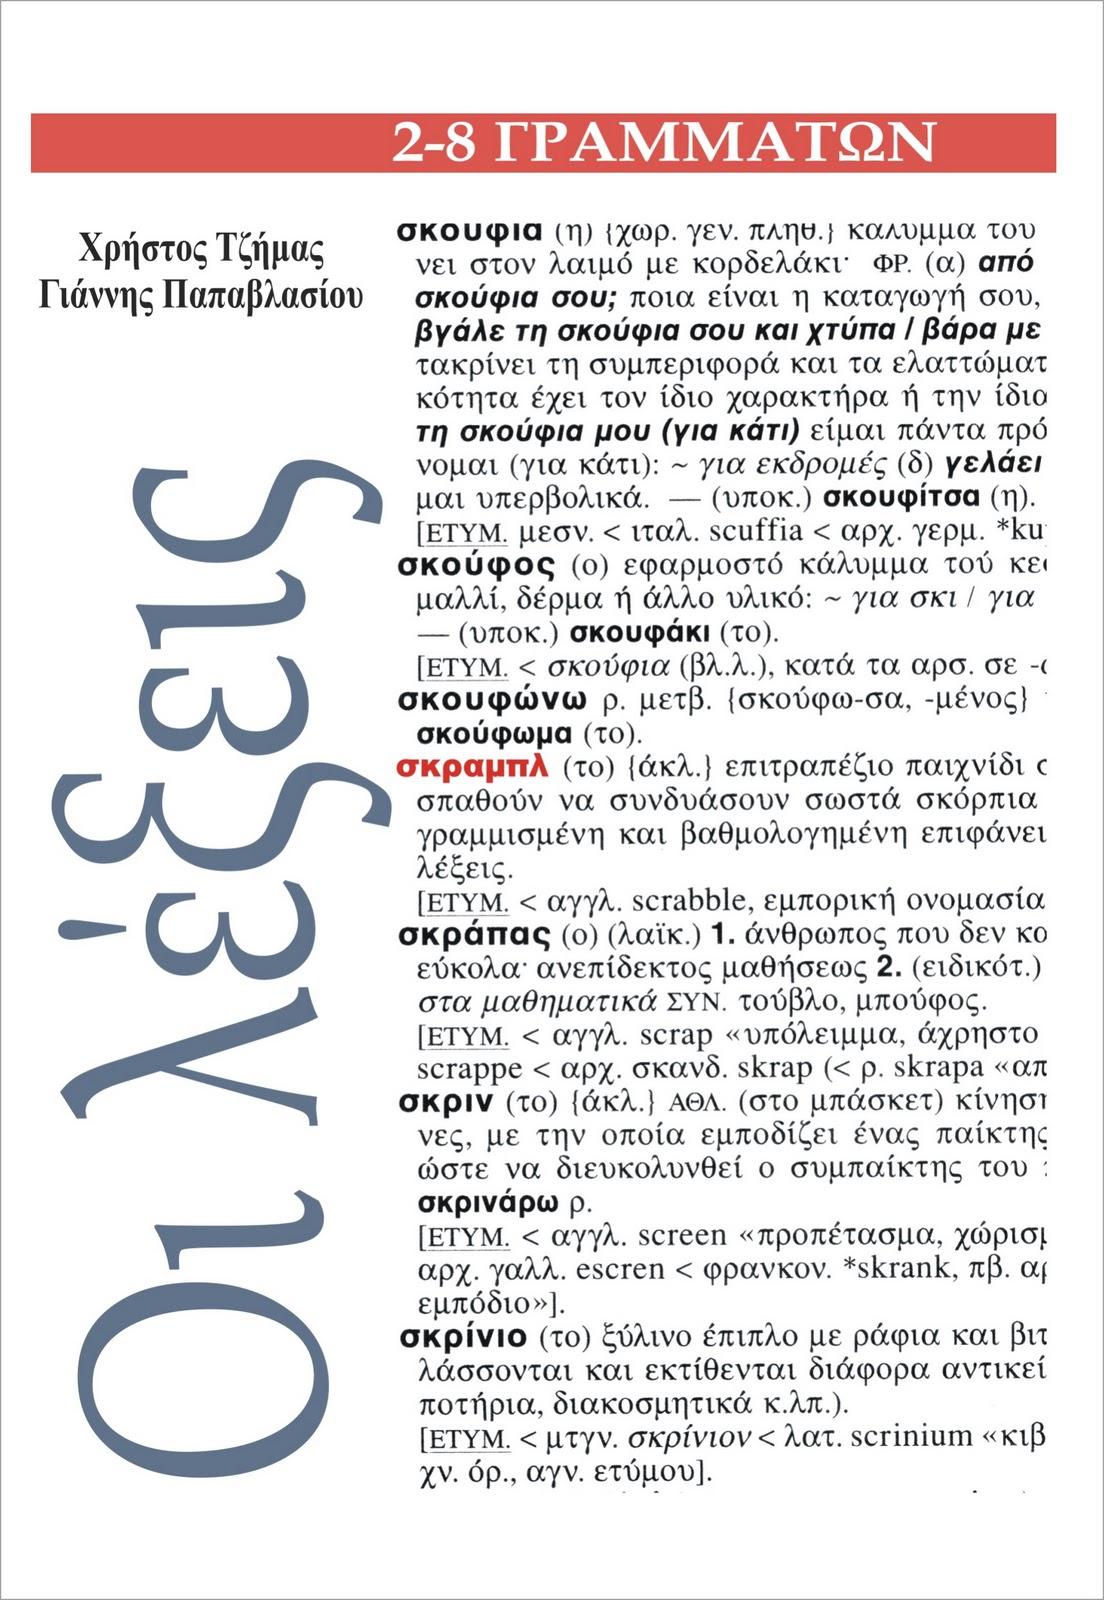 Οι λέξεις 2-8 γραμμάτων